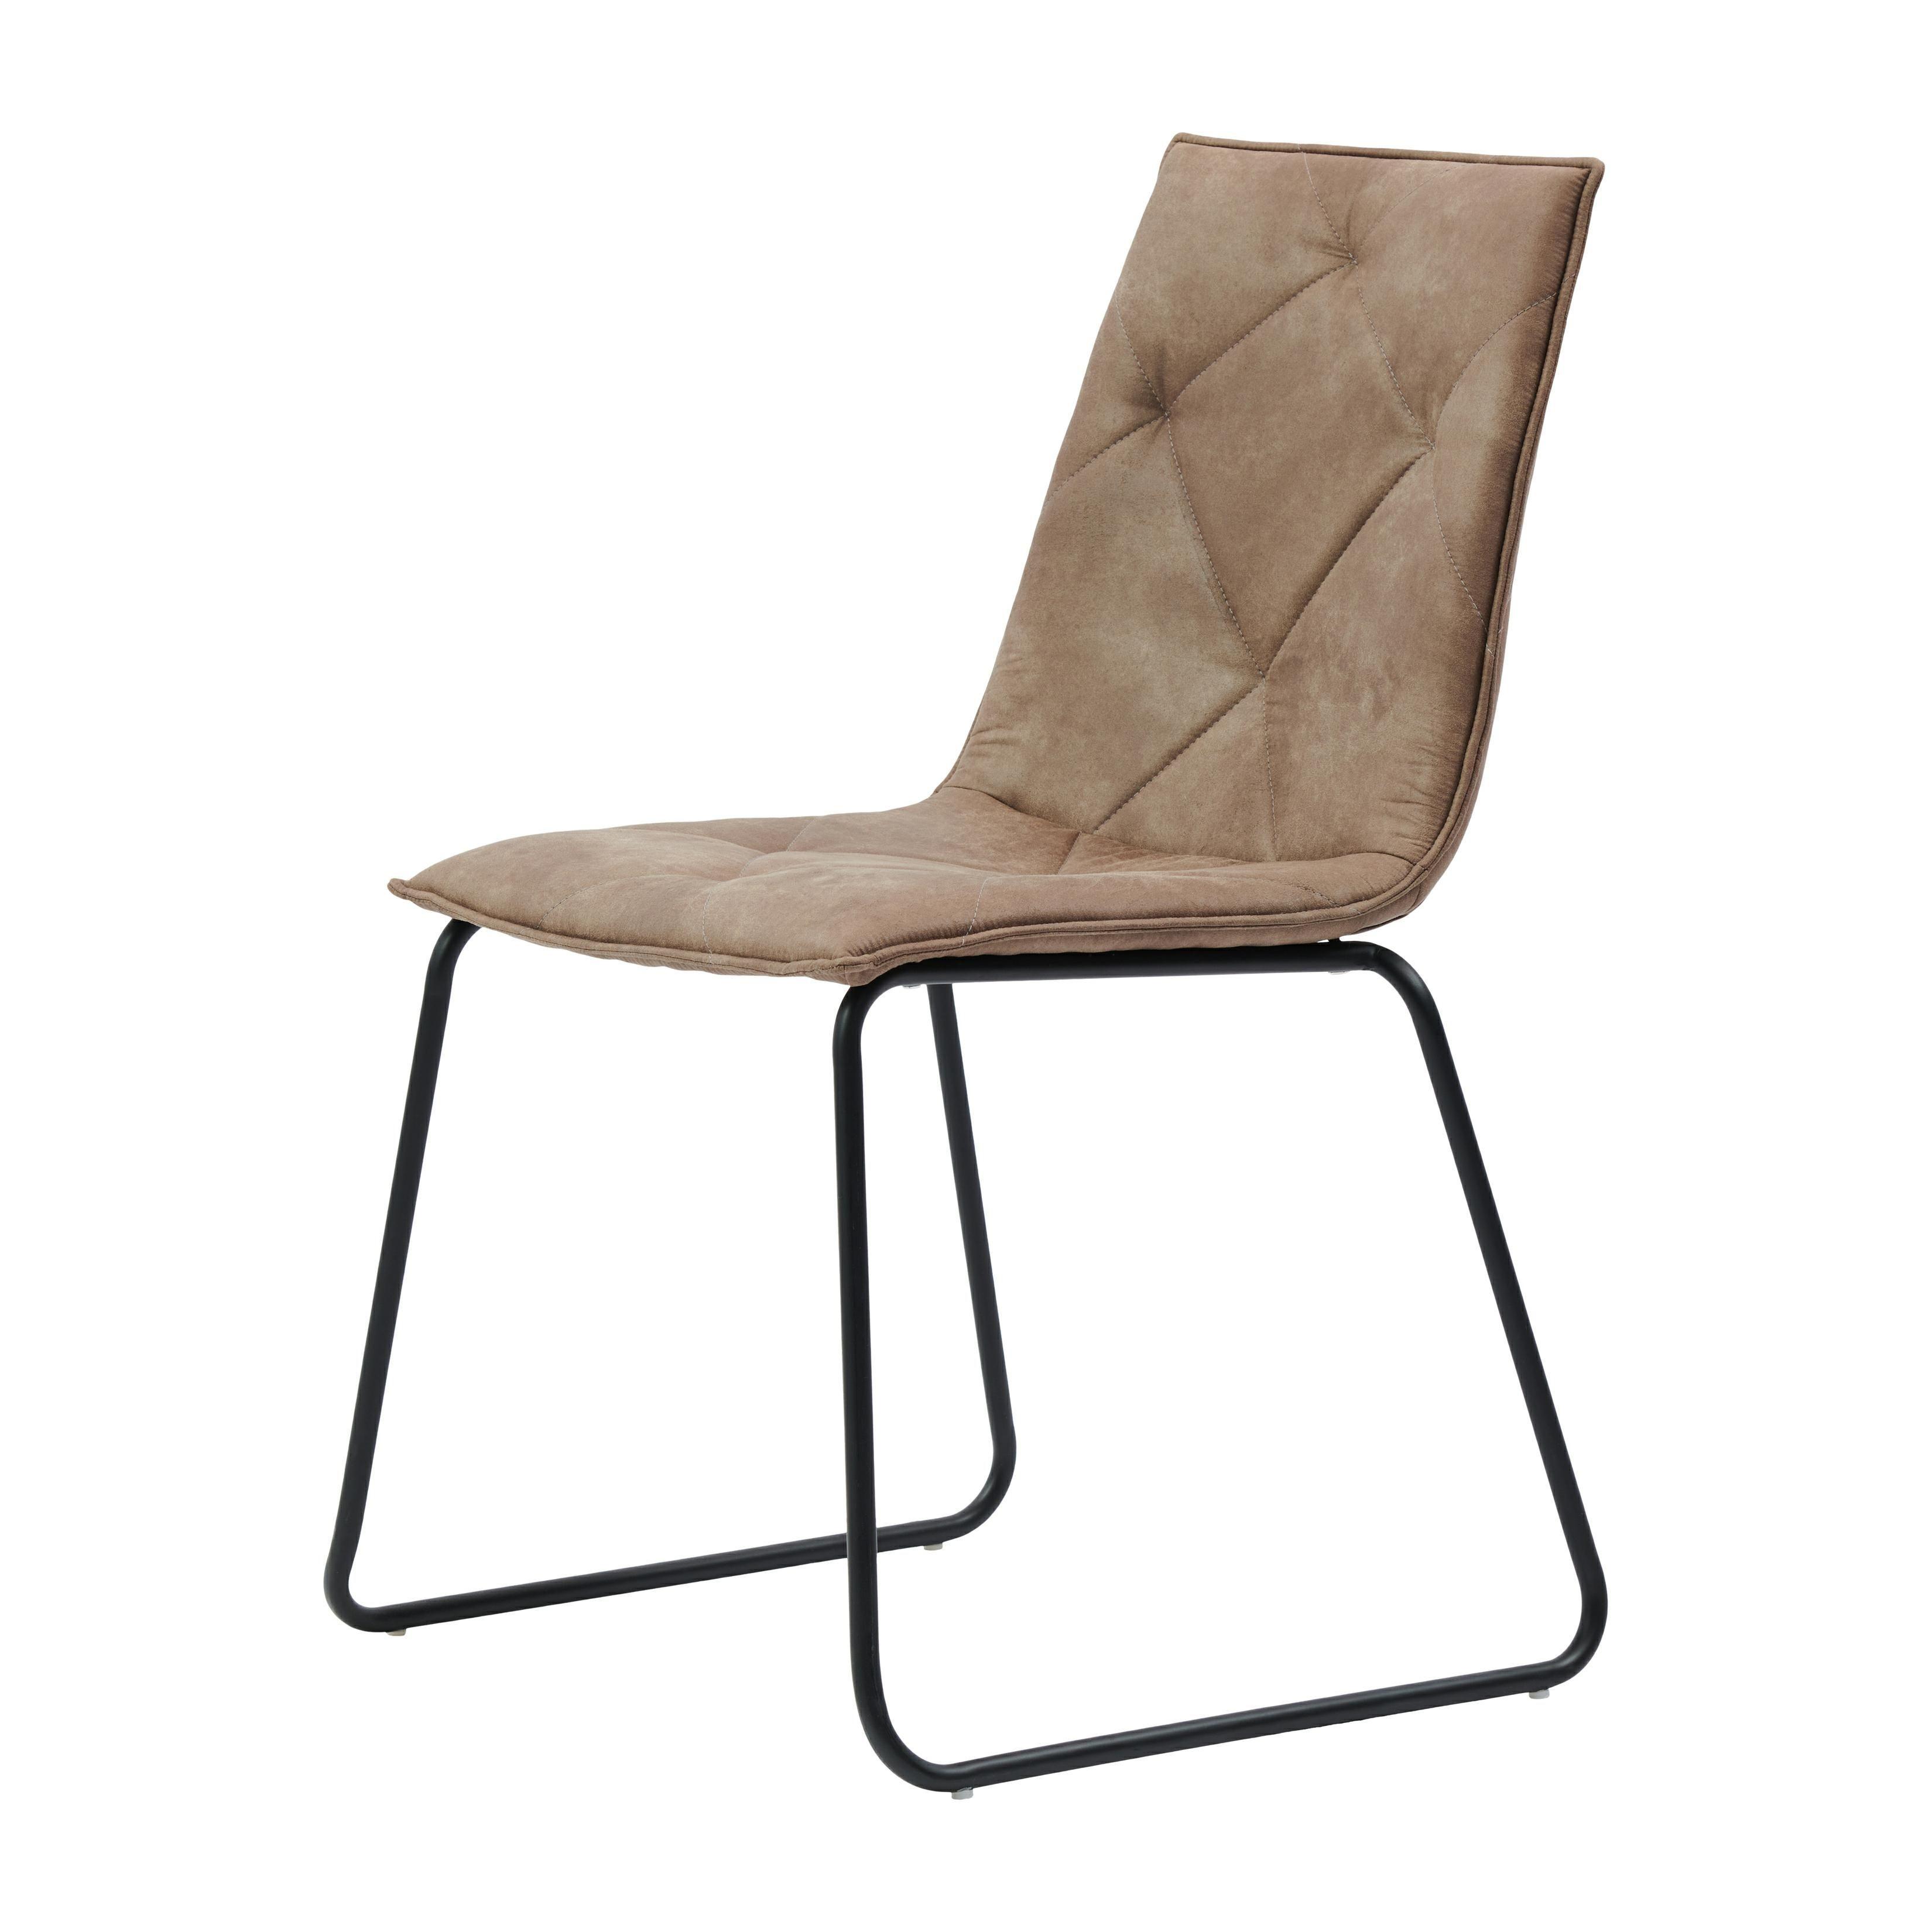 Venice Park Stackable Chair pellini coffee / Rivièra Maison